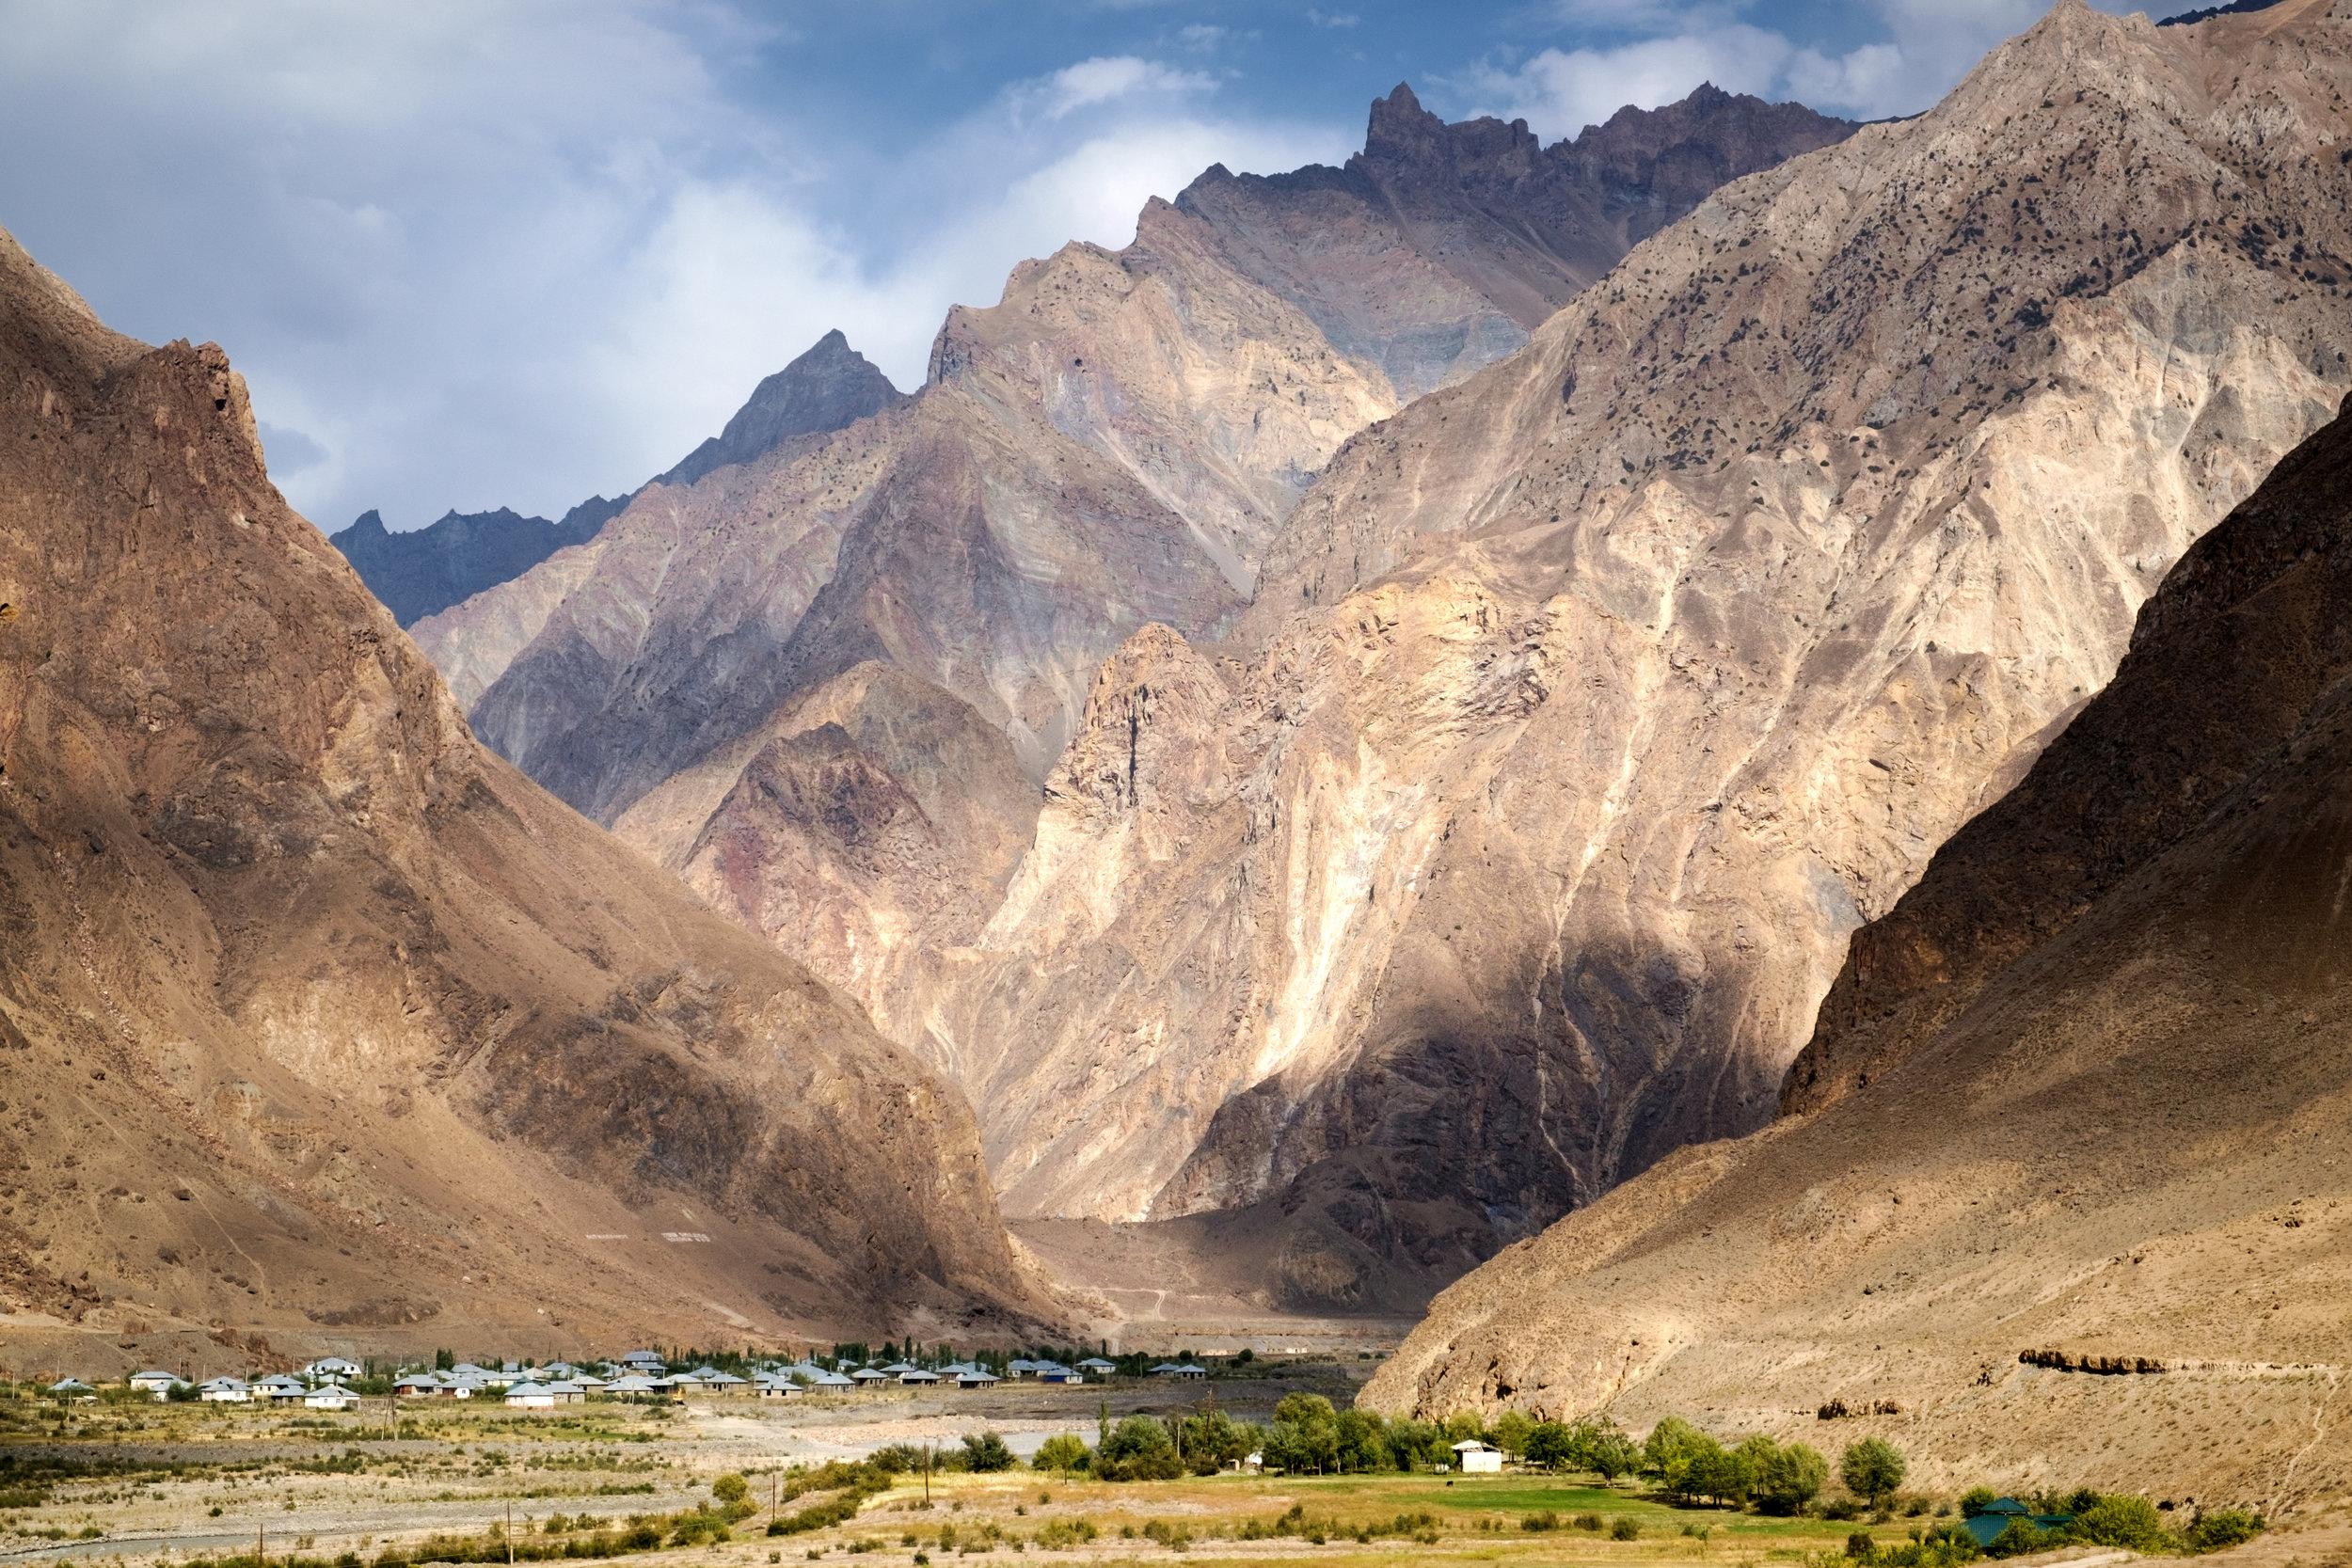 Un village au pied de l'entrée d'une gorge, du côté tadjik.